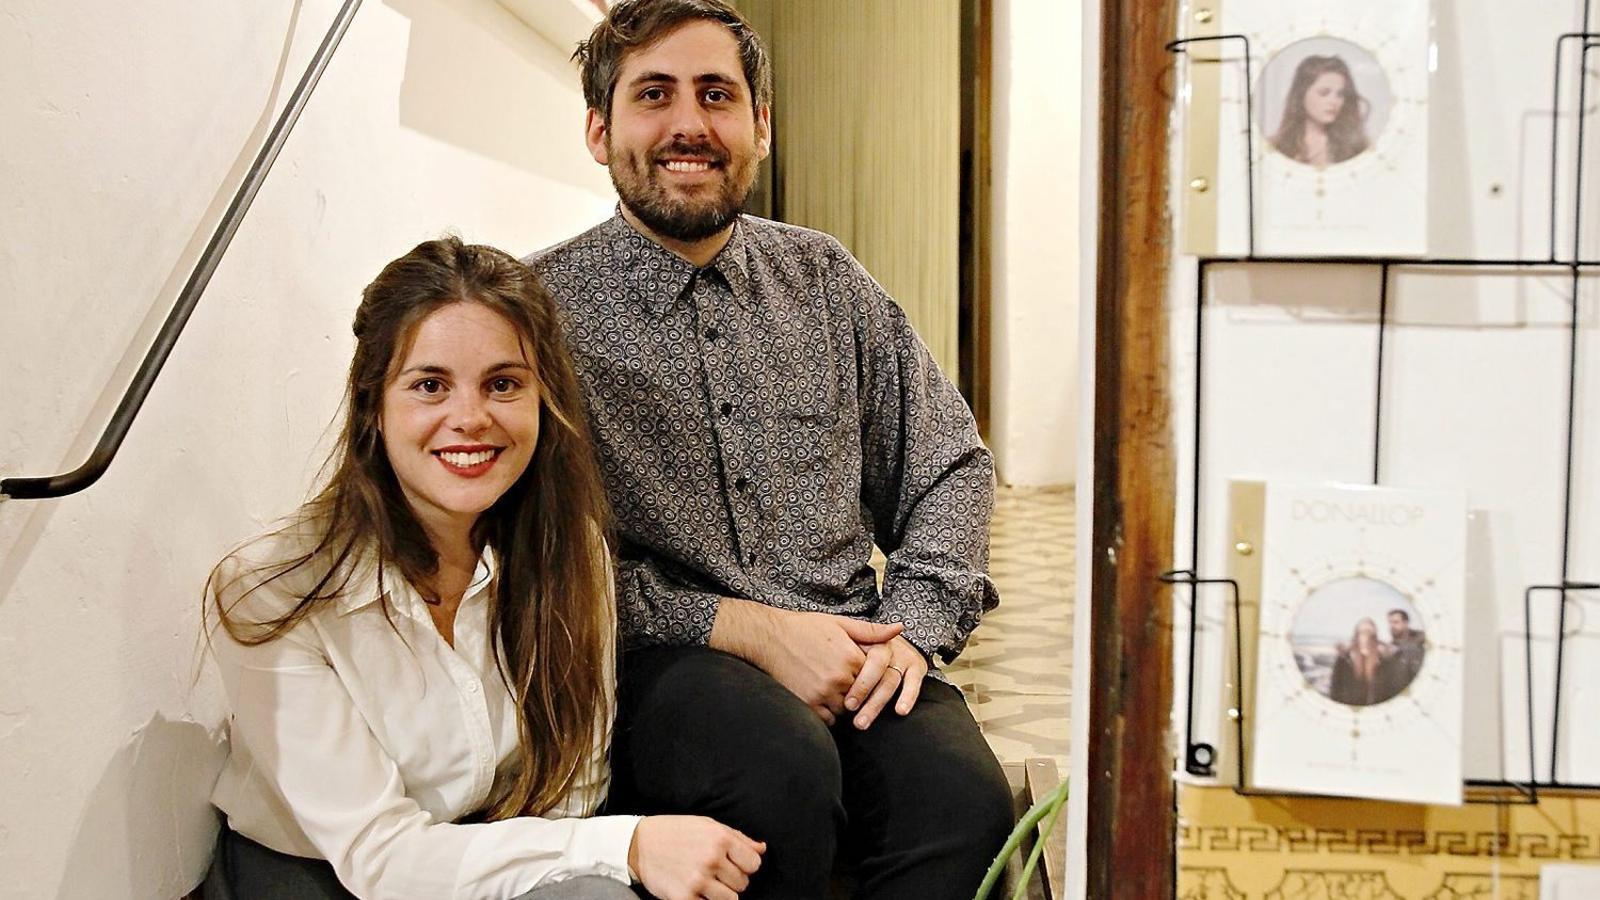 Joana Pol i Pere Bestard, de Donallop, aquest dijous a la festa presentació del nou disc a la llibreria Rata Corner, a Palma.